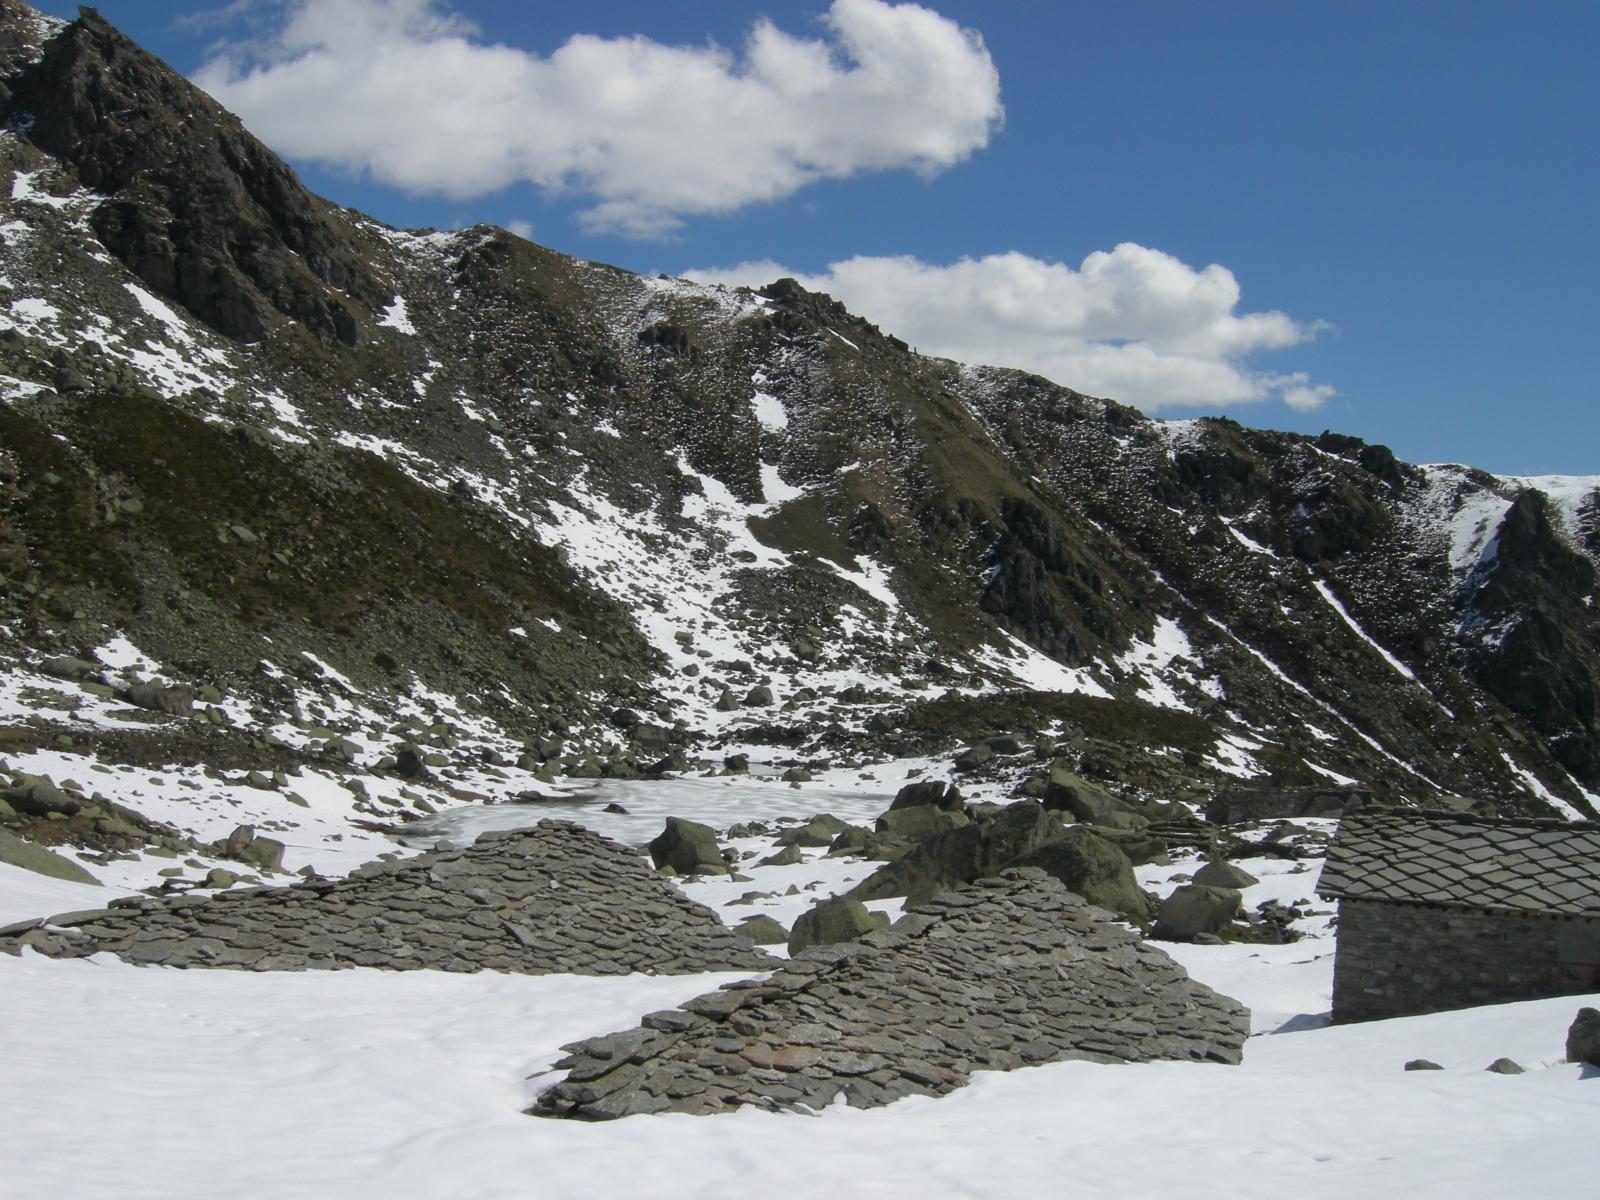 Baite immerse nella neve al Gias dei laghi. Sullo sfondo il lago inferiore